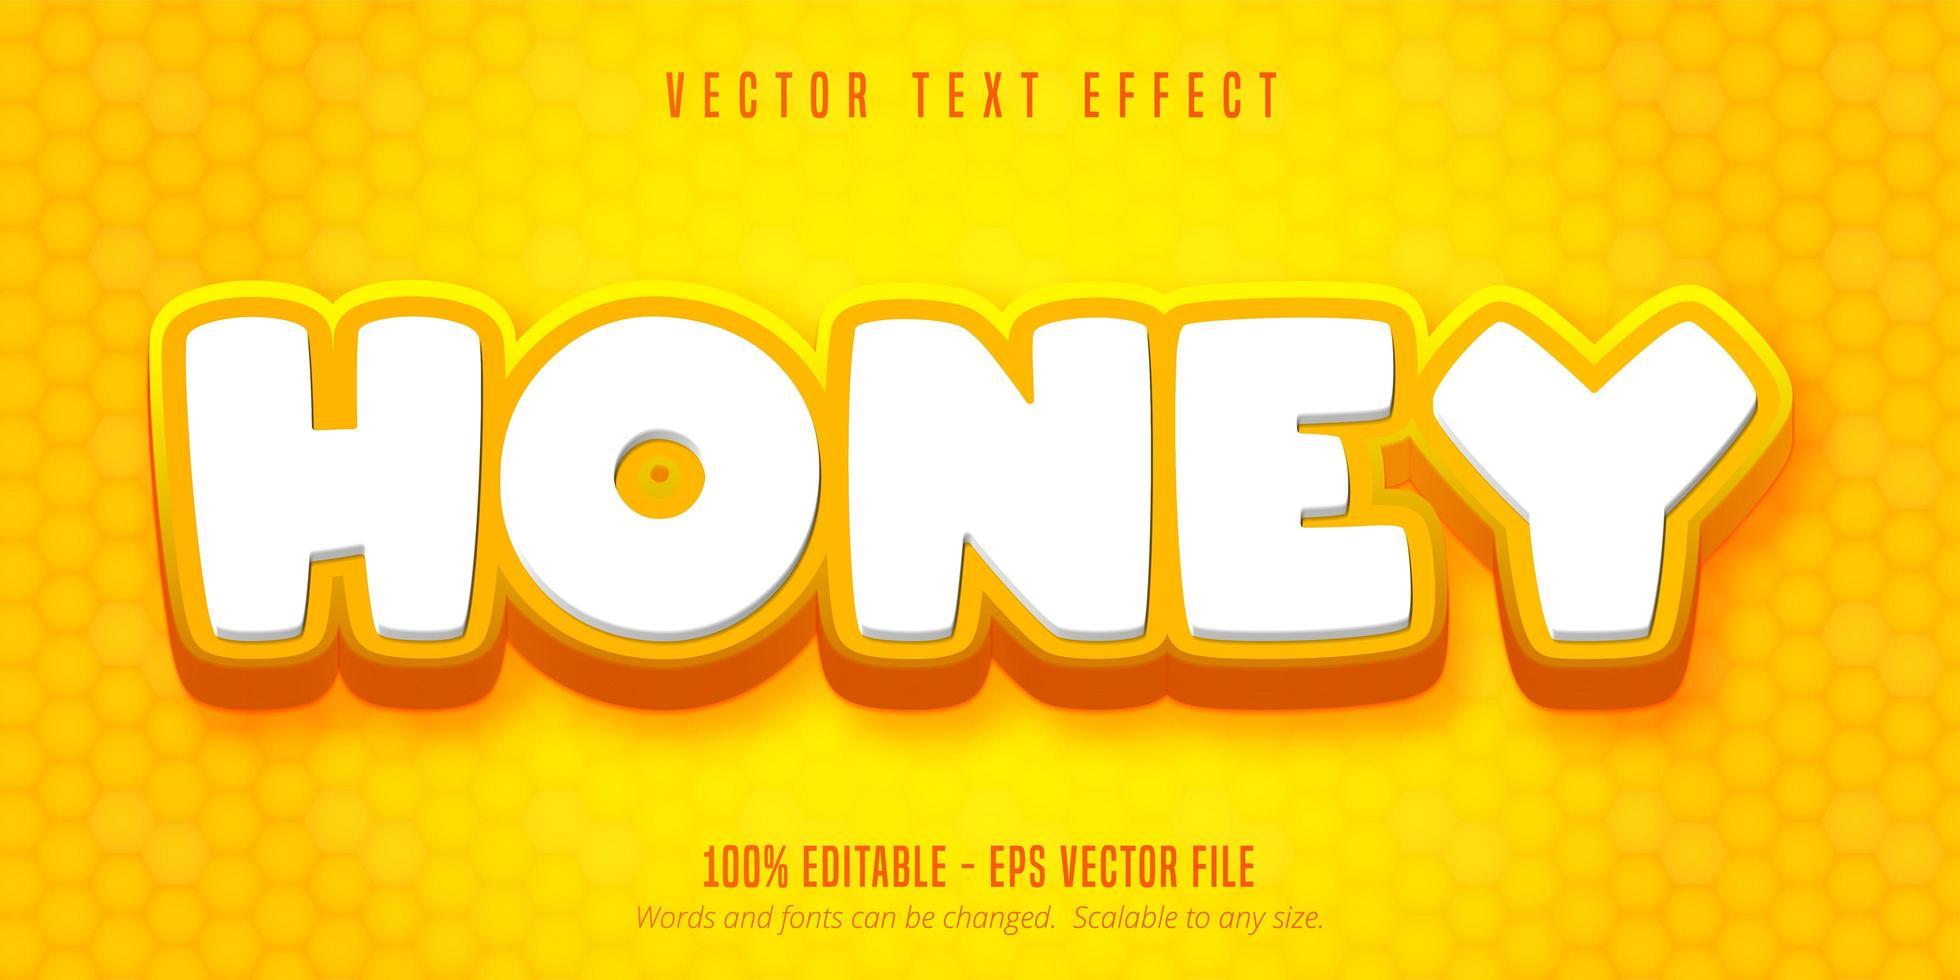 testo miele, effetto testo in stile cartone animato vettore